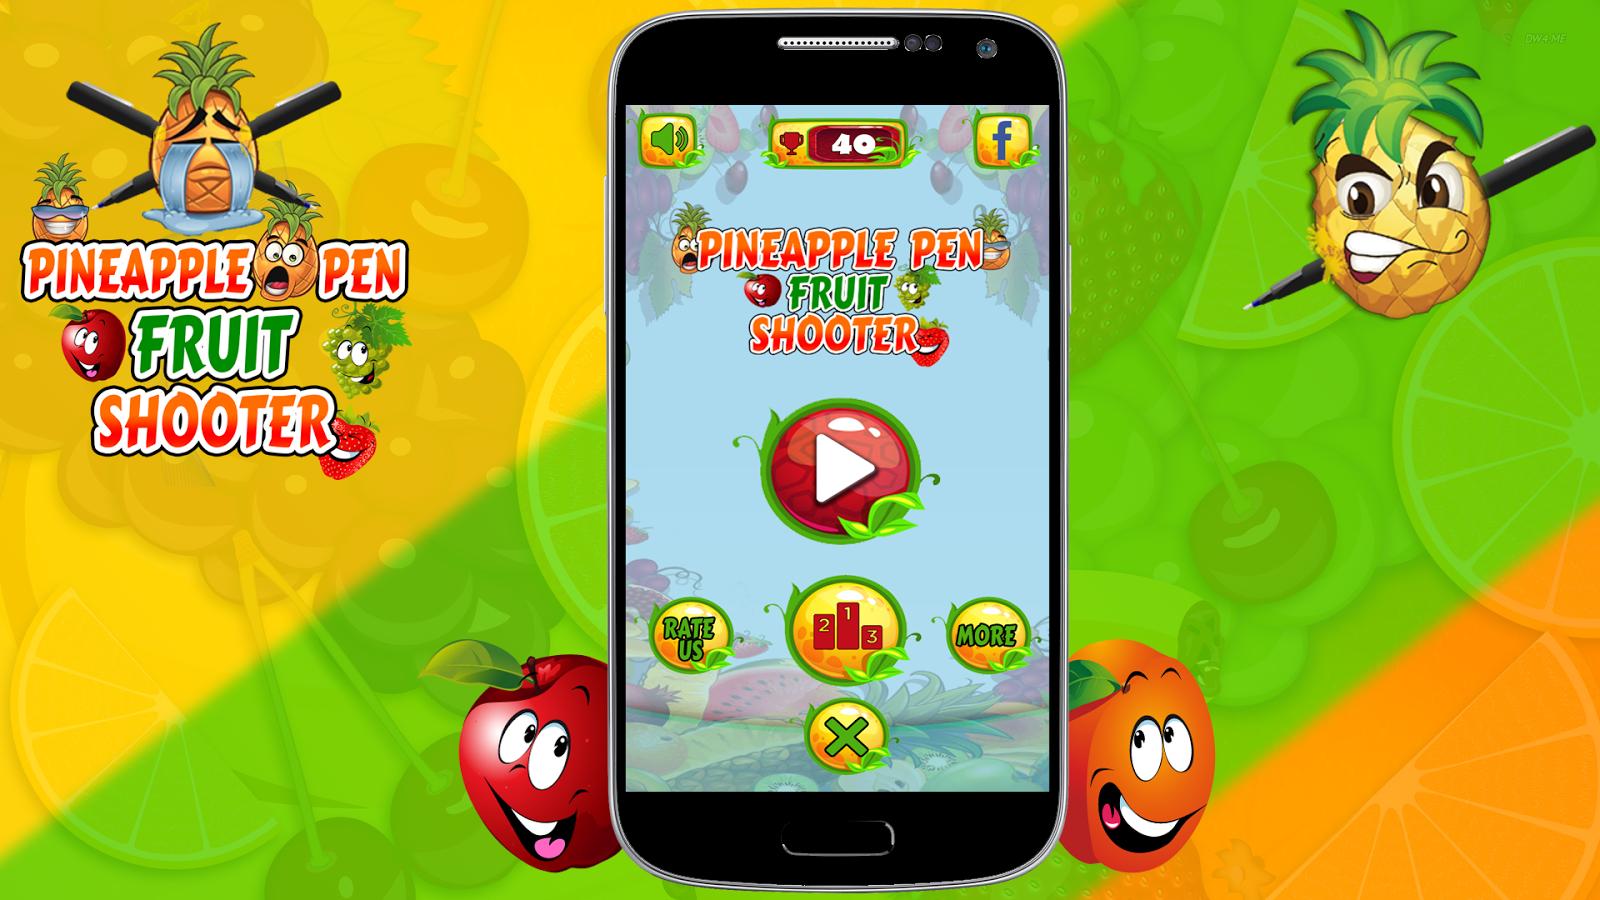 Fruit shooter games - Pineapple Pen Fruit Shooter 2d Screenshot